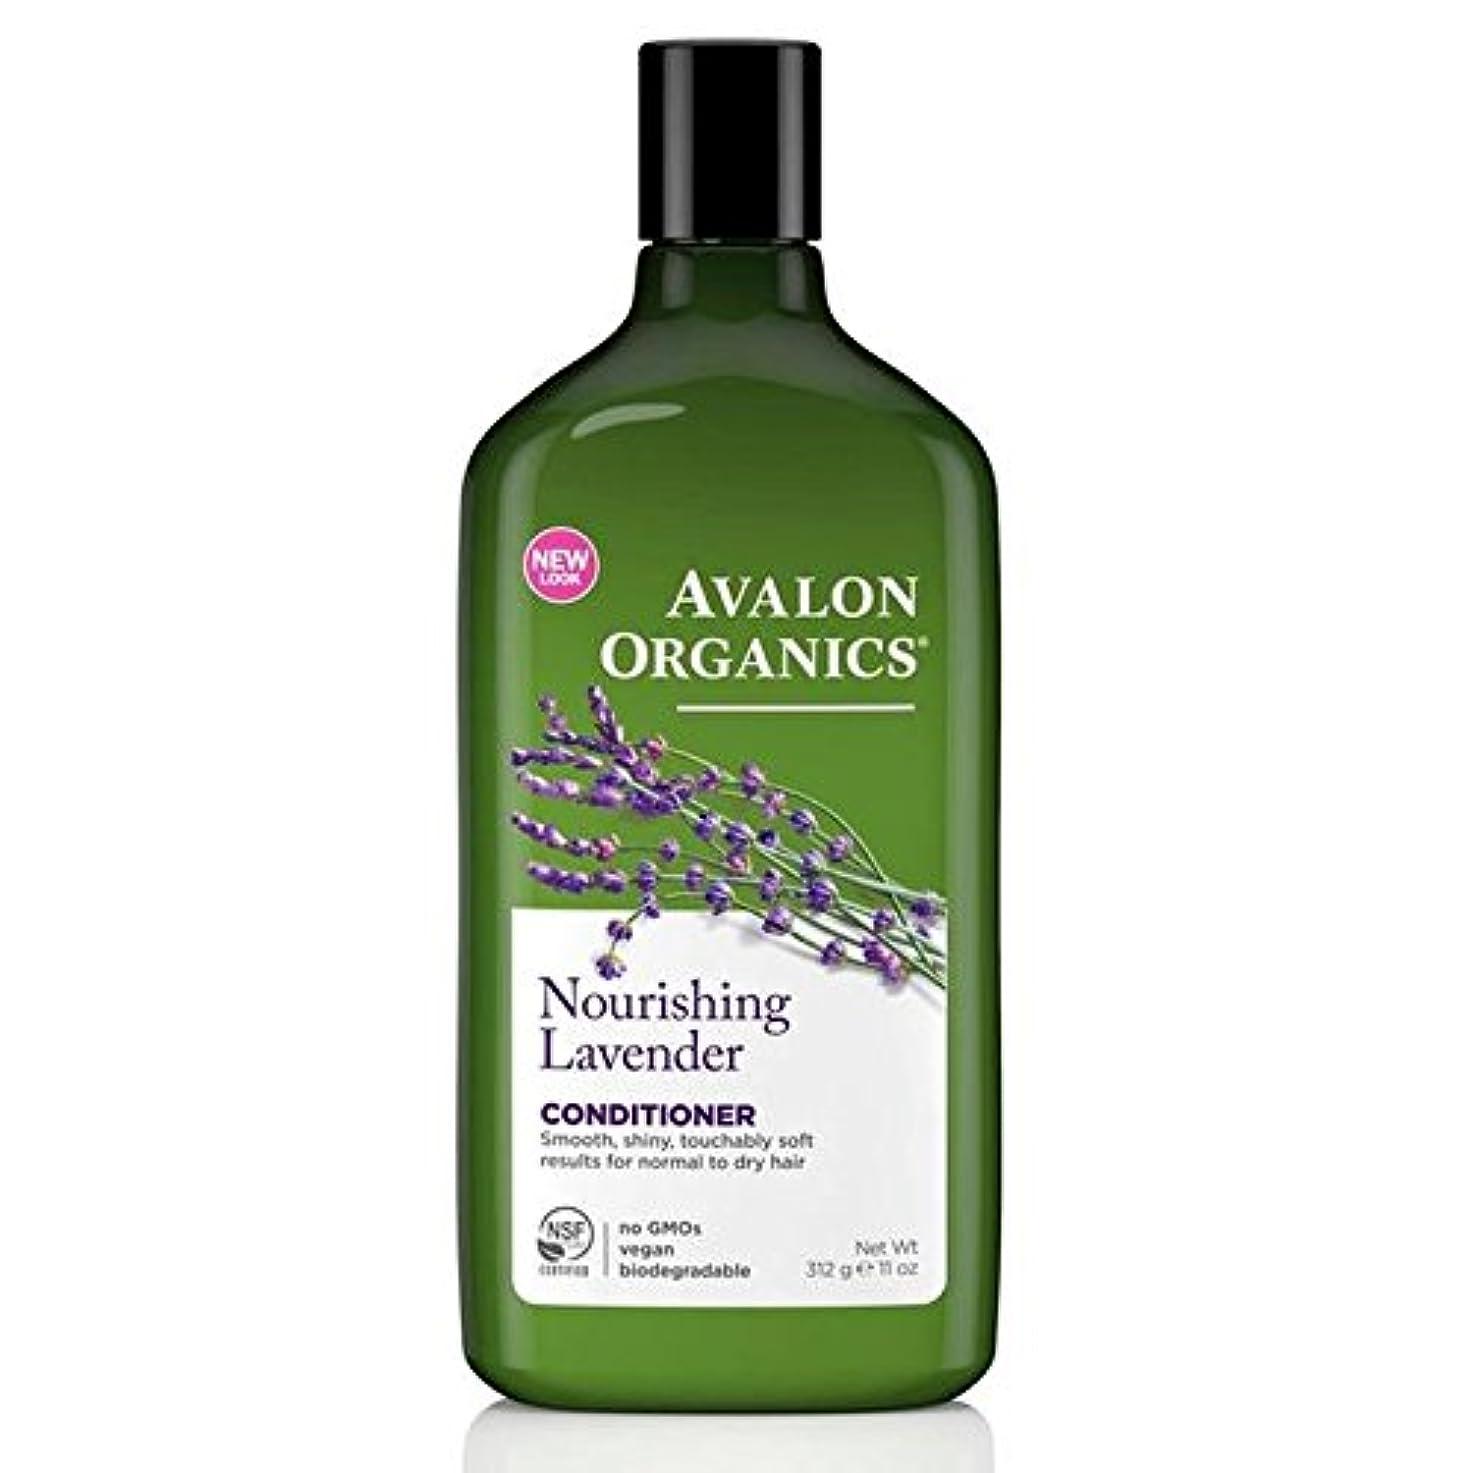 ブレンドマッサージ散歩に行くAvalon Organics Lavender Nourishing Conditioner 325ml - (Avalon) ラベンダー栄養コンディショナー325ミリリットル [並行輸入品]